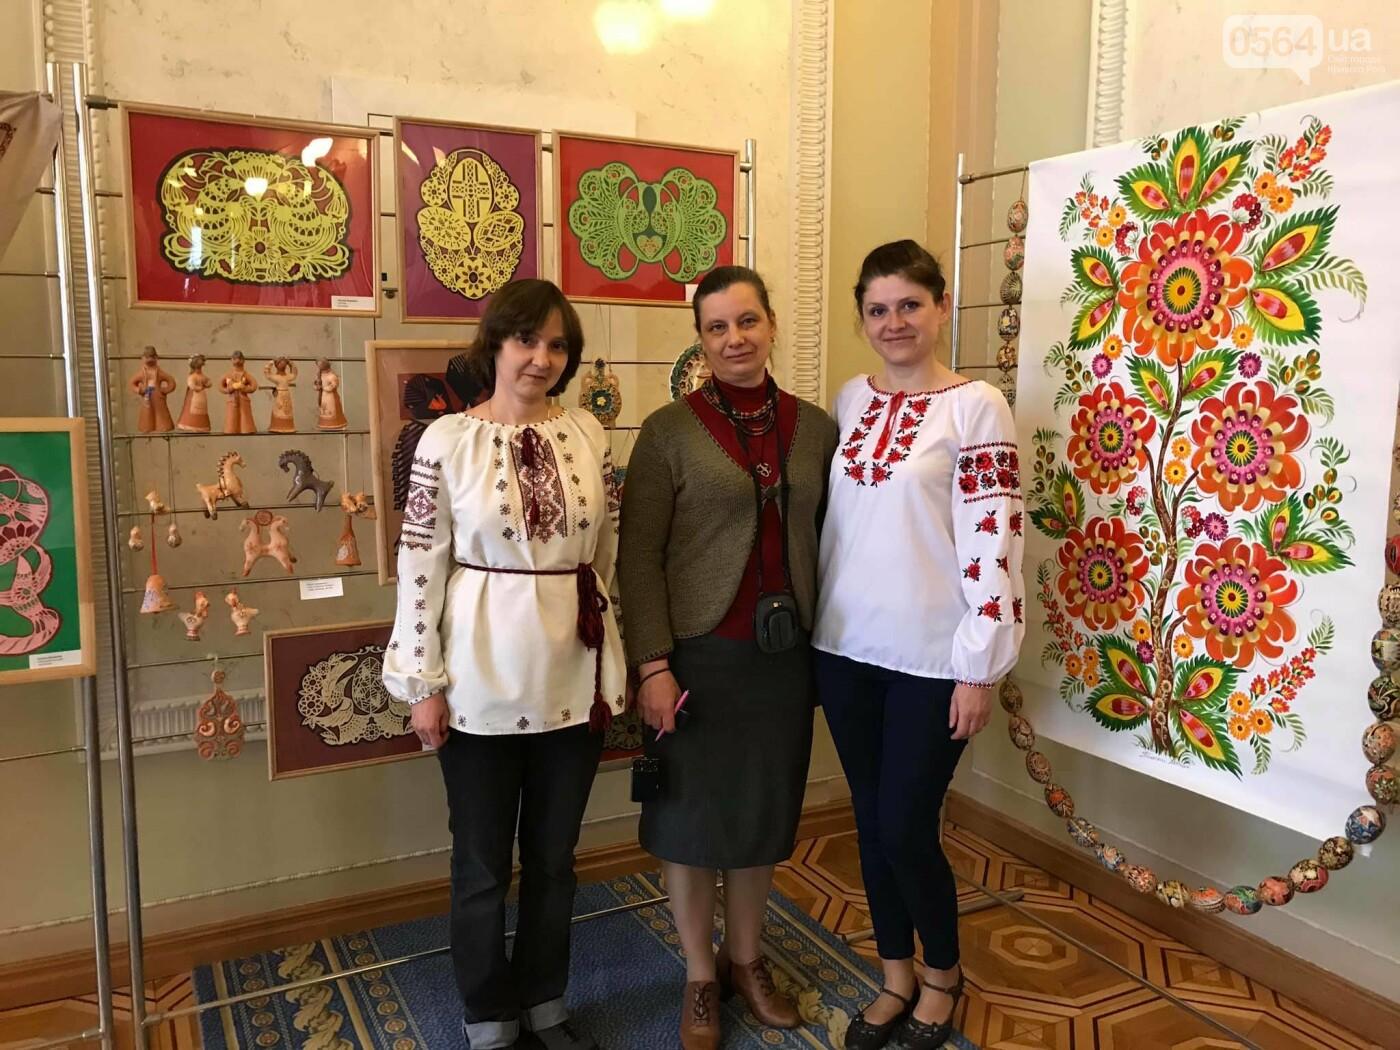 В Верховной Раде открылась выставка криворожских мастериц, - ФОТО, фото-1